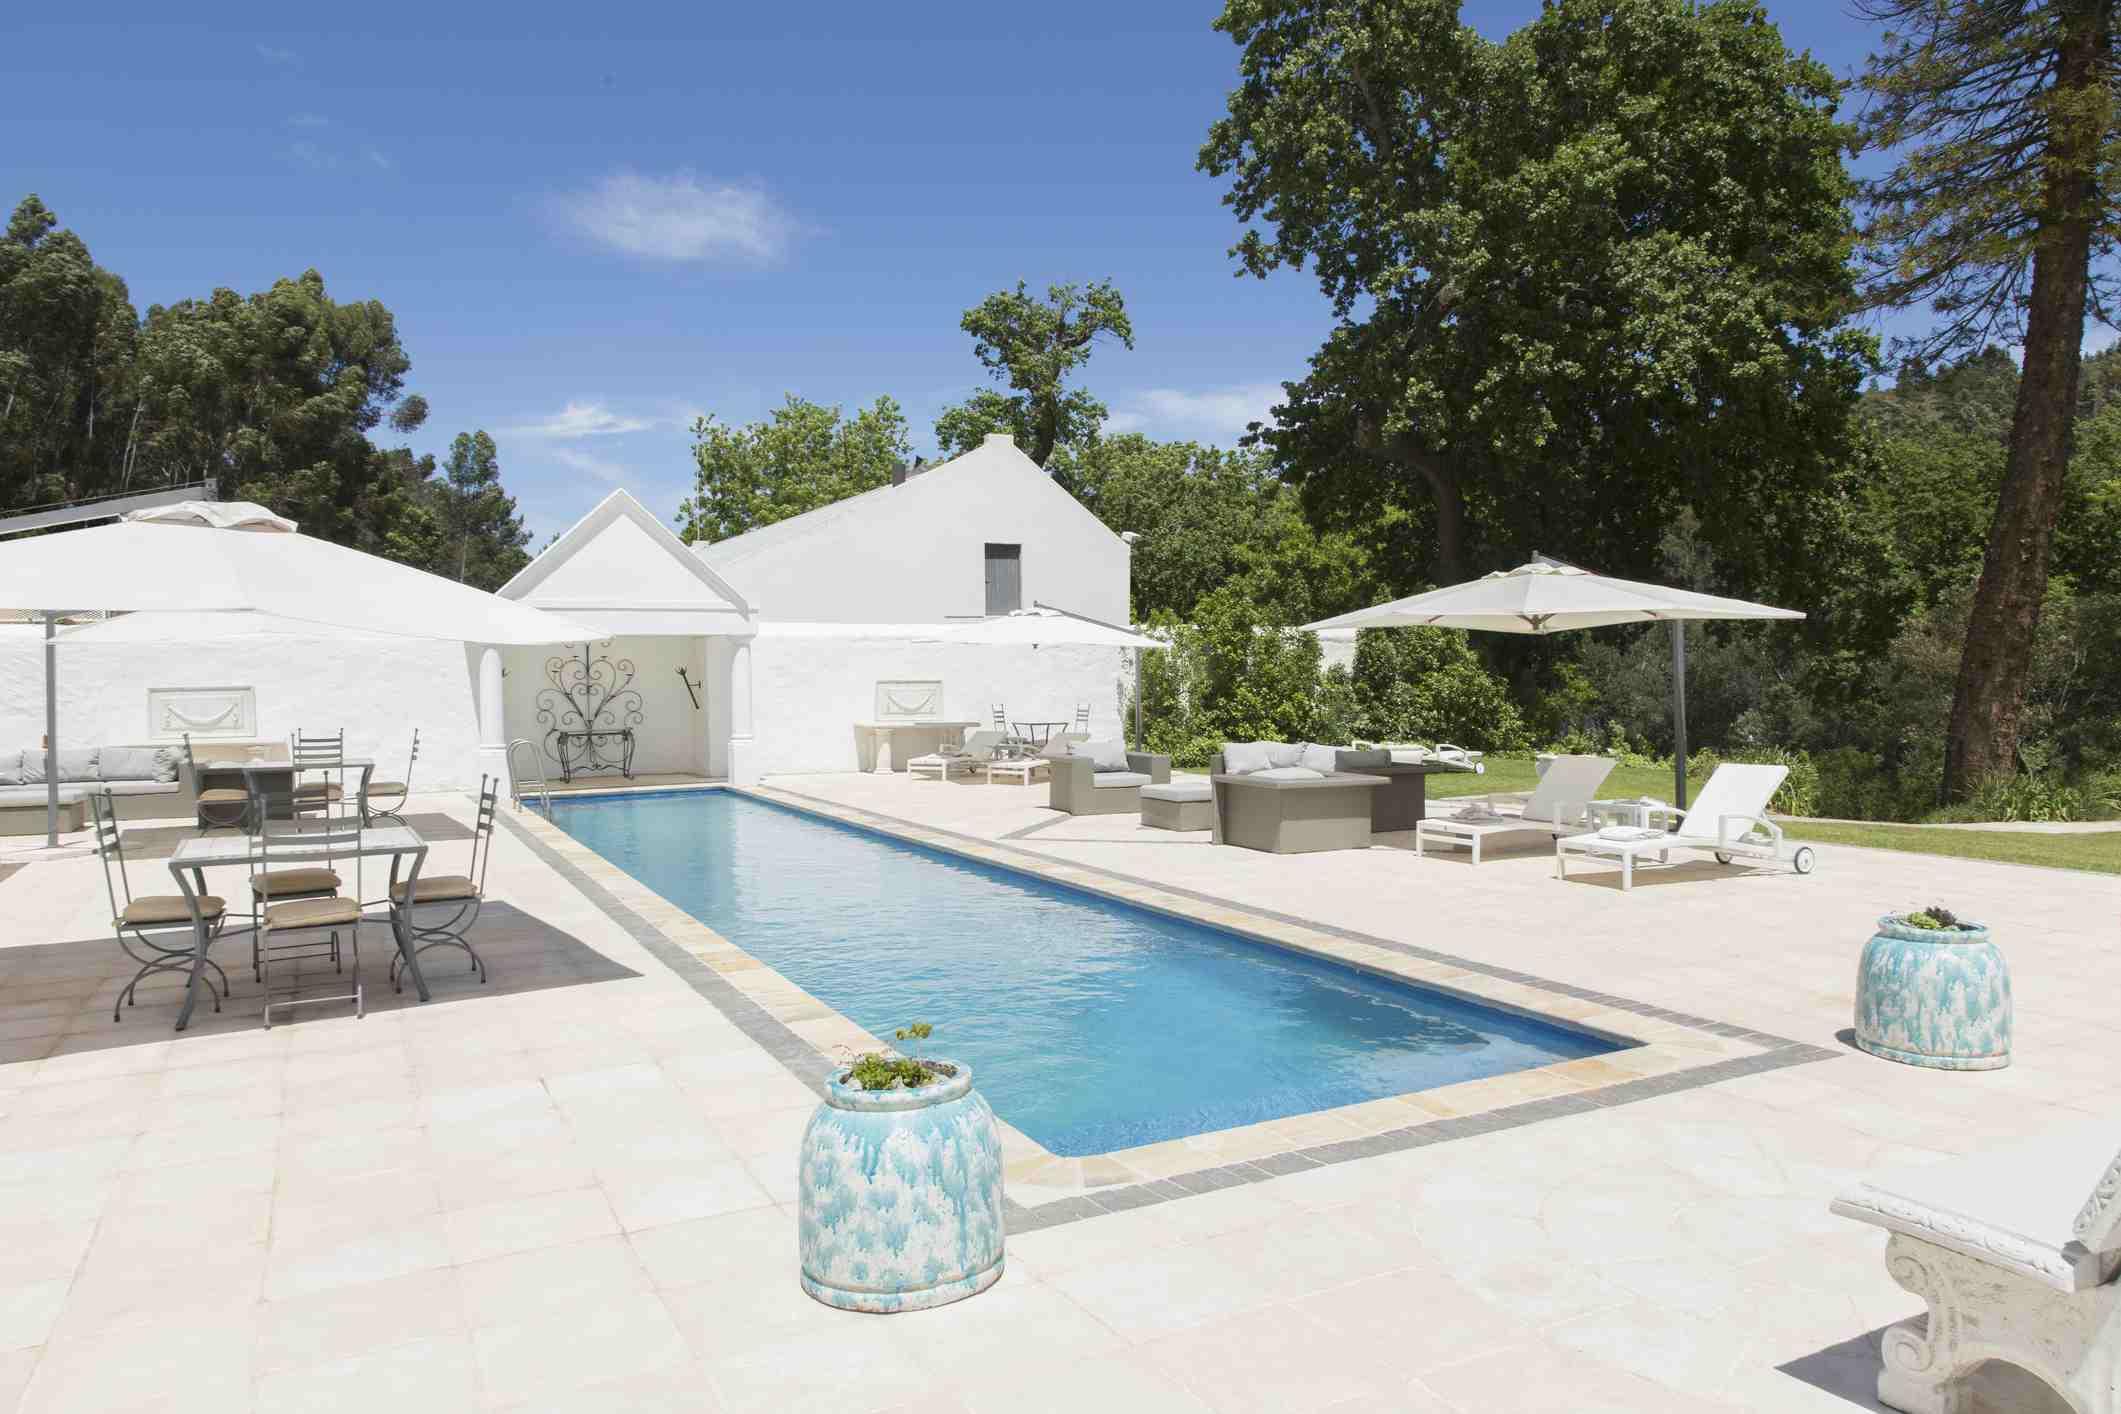 Una piscina de entrenamiento contra azulejos blancos, muebles de patio y blanco sombrillas